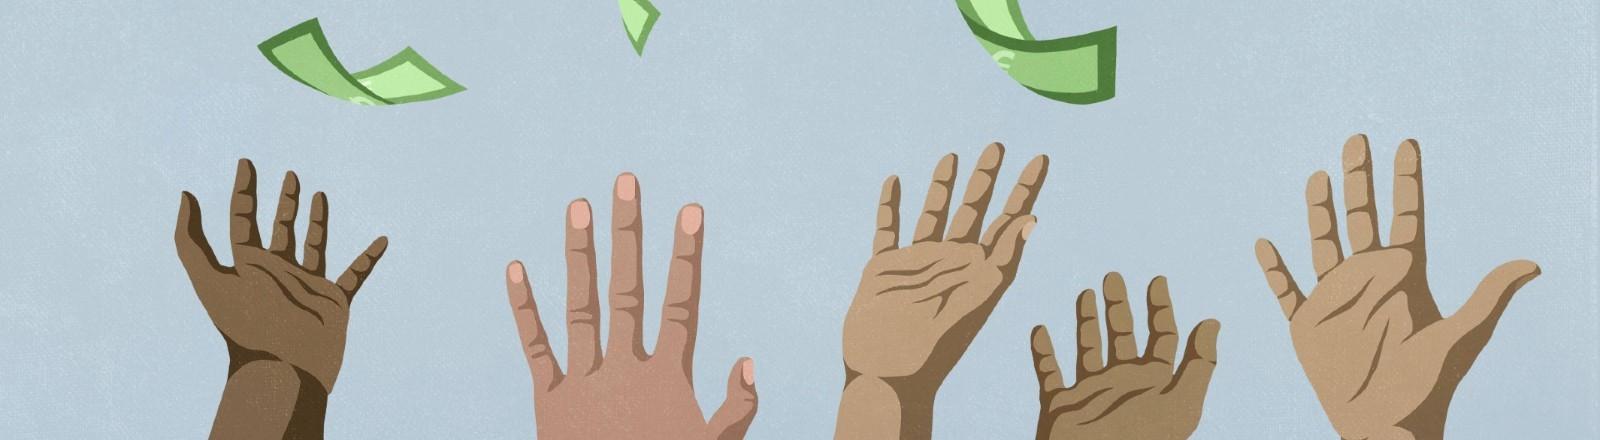 Hände strecken nach Geldscheinen, die vom Himmel fallen